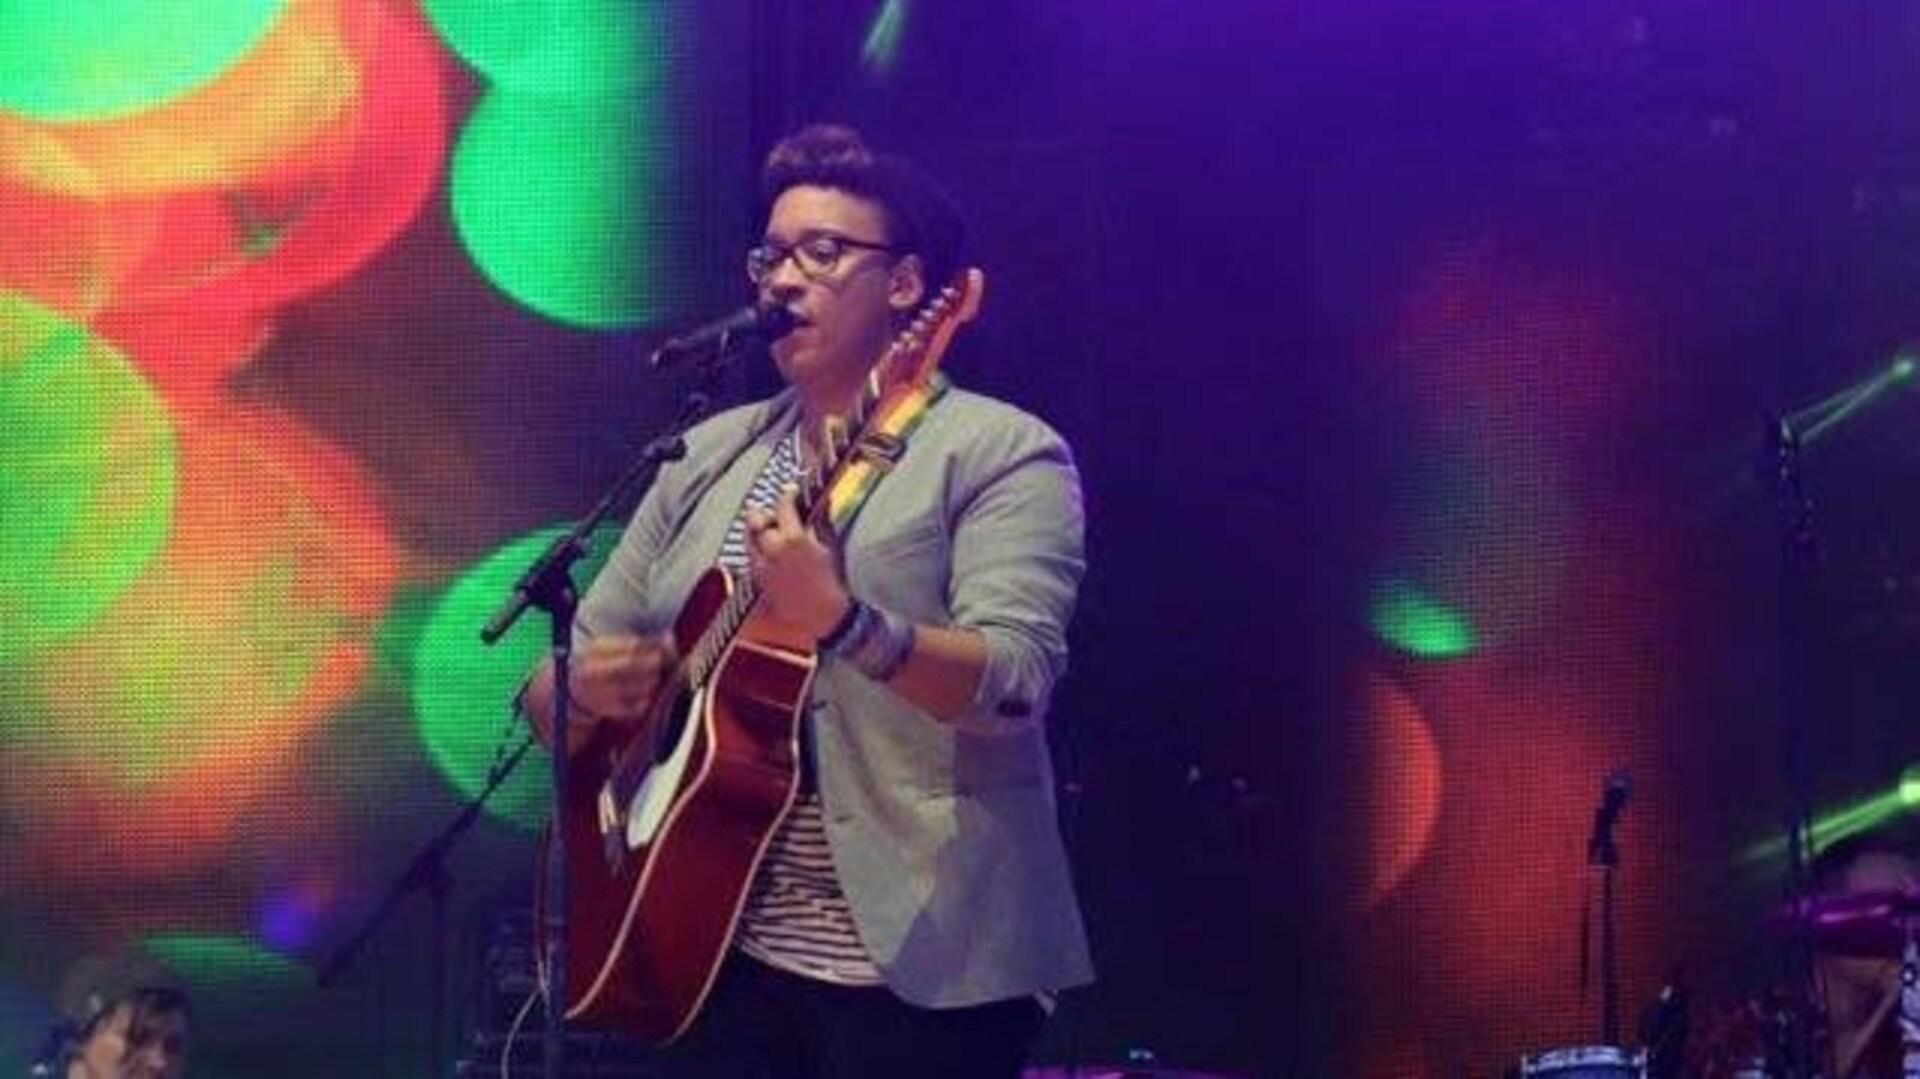 Un musicien est sur une scène et joue de la guitare.